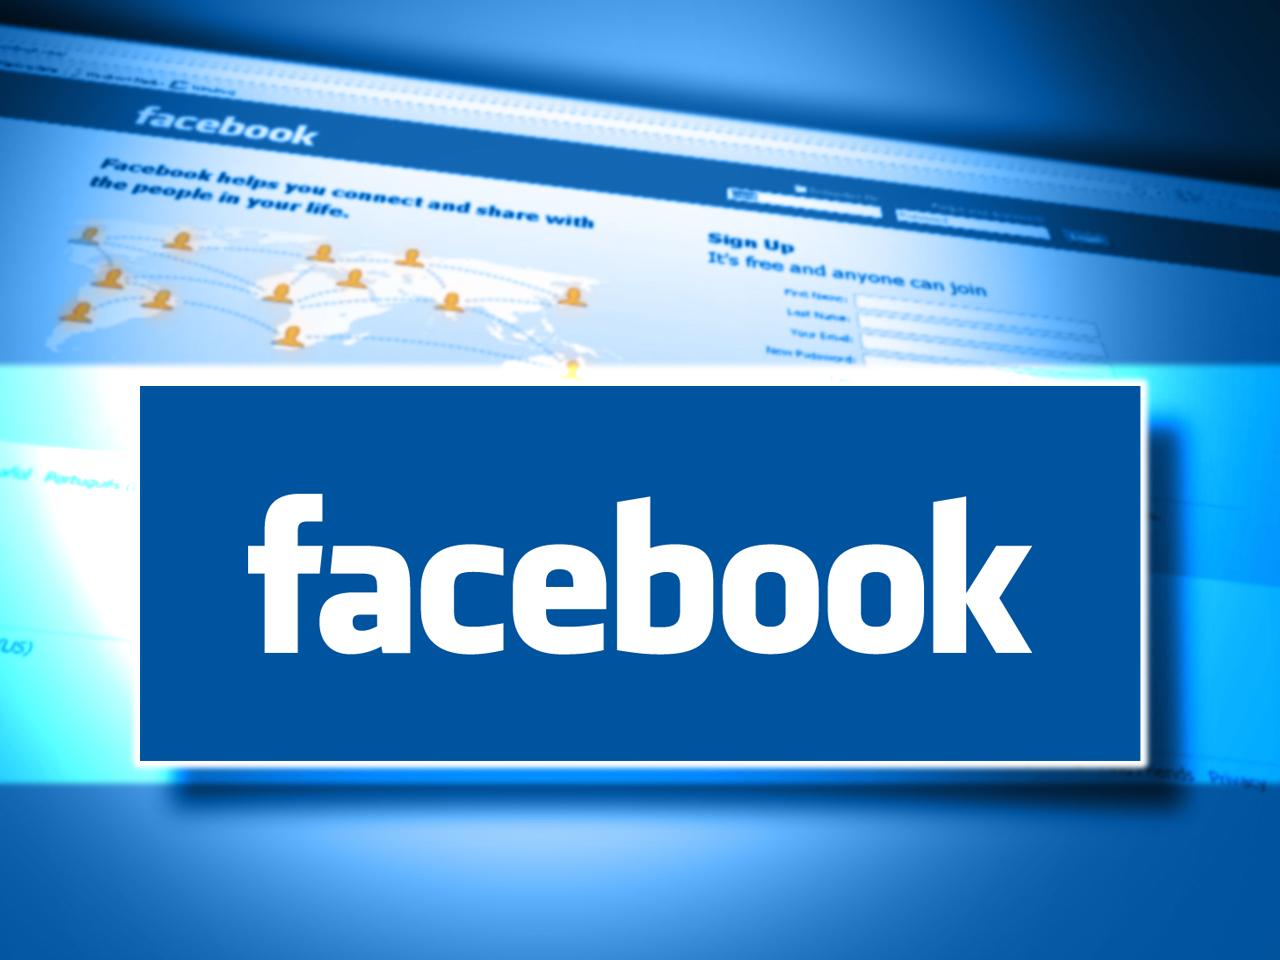 كيف أفتح Facebook خاص بي